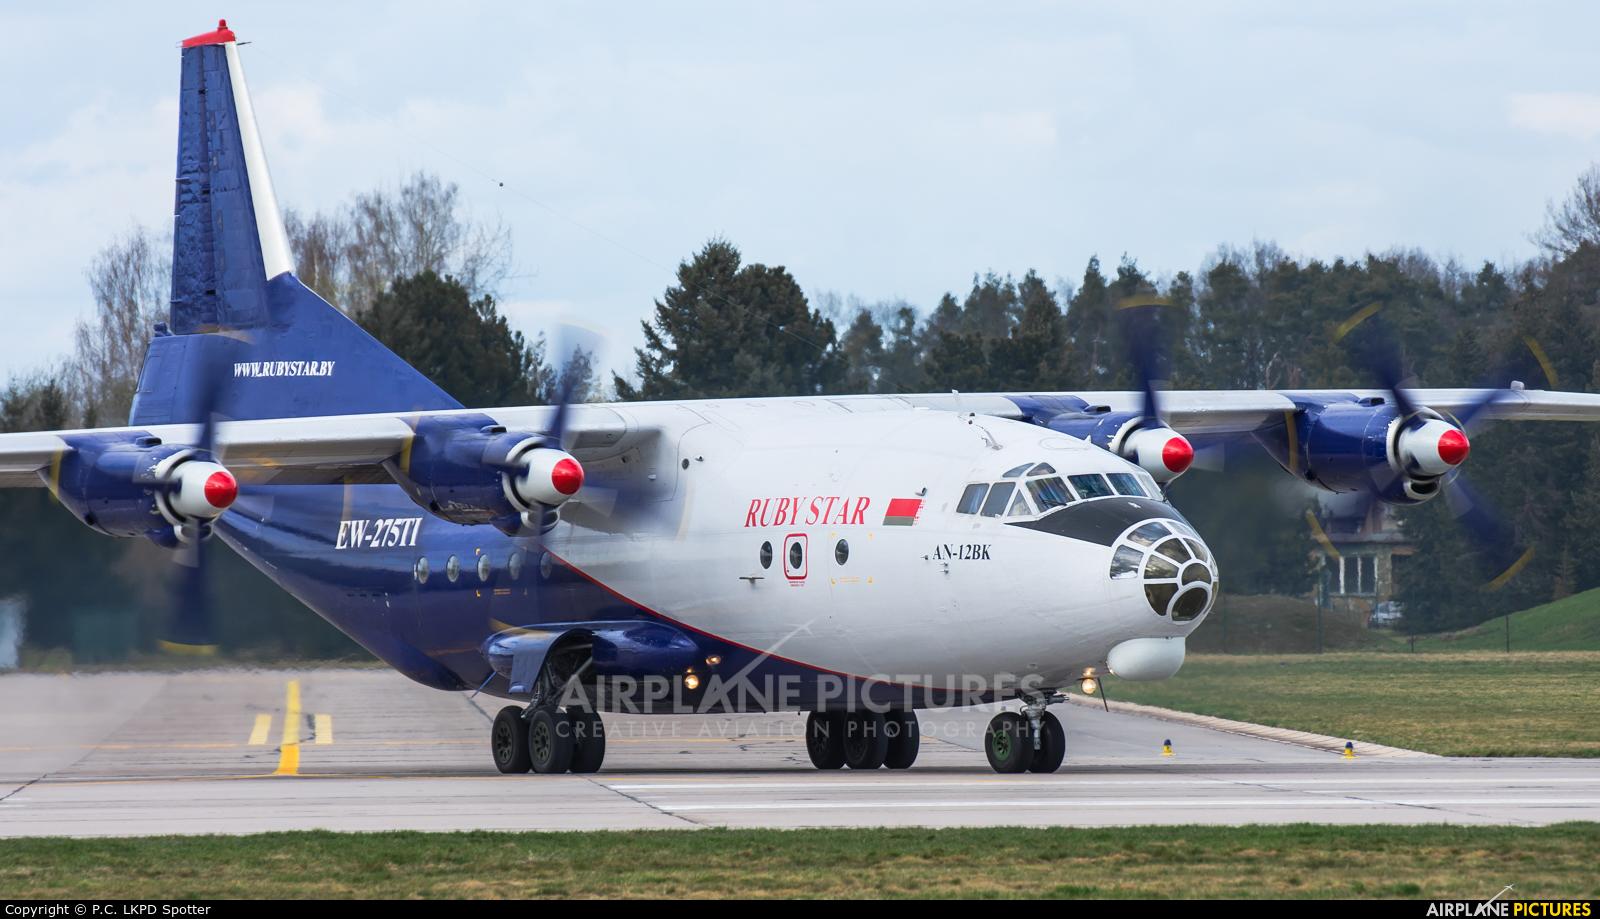 Ruby Star Air Enterprise EW-275TI aircraft at Pardubice